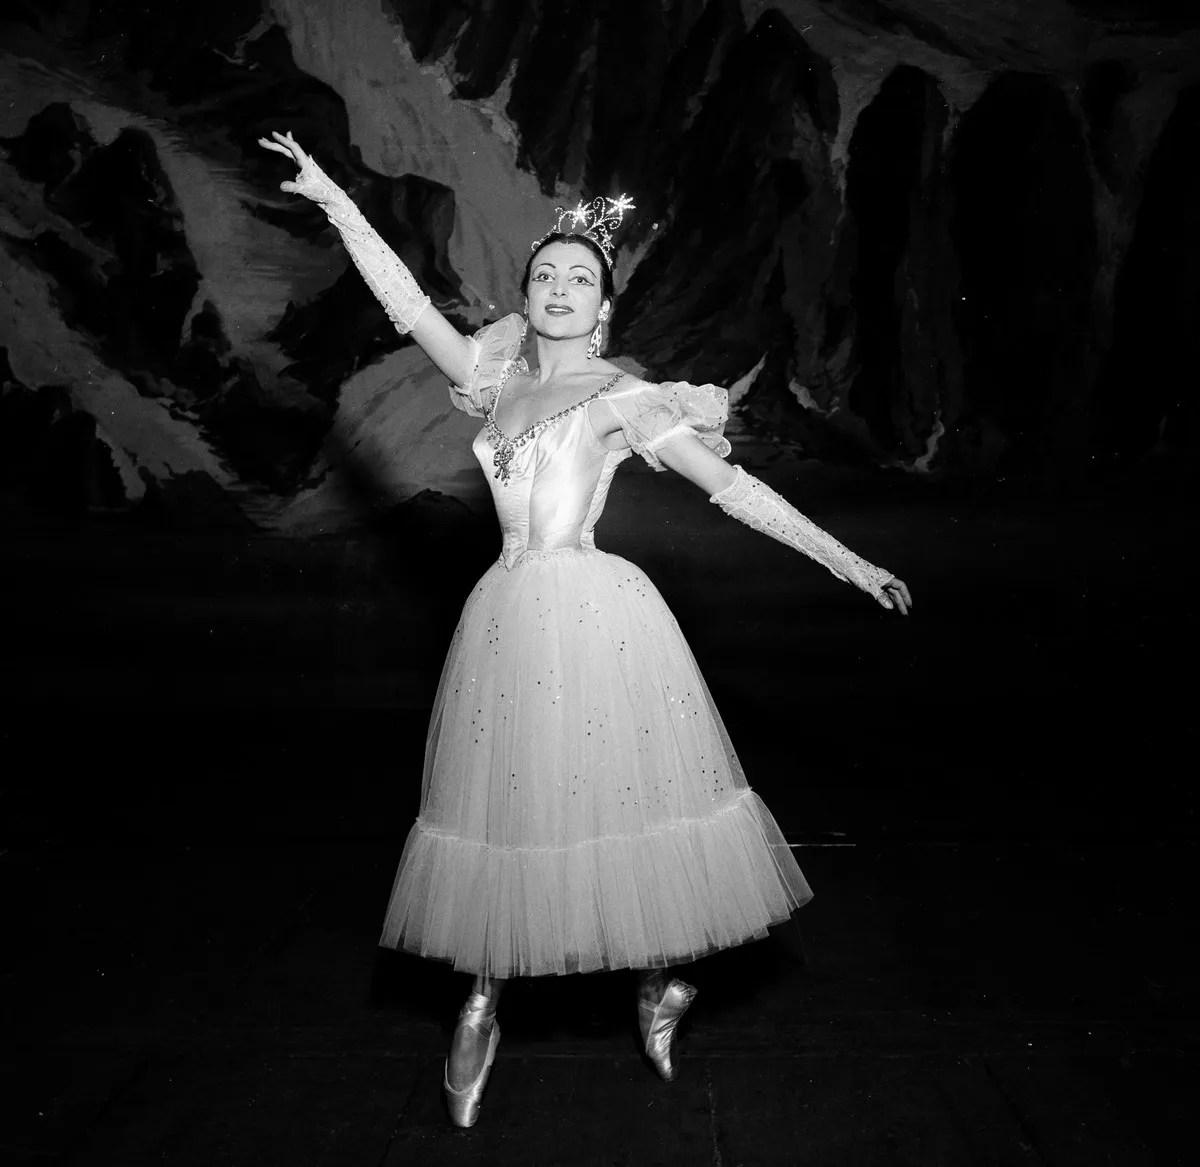 1953 Luciana Novaro in Le Baiser de la fée, photo by Erio Piccagliani © Teatro alla Scala